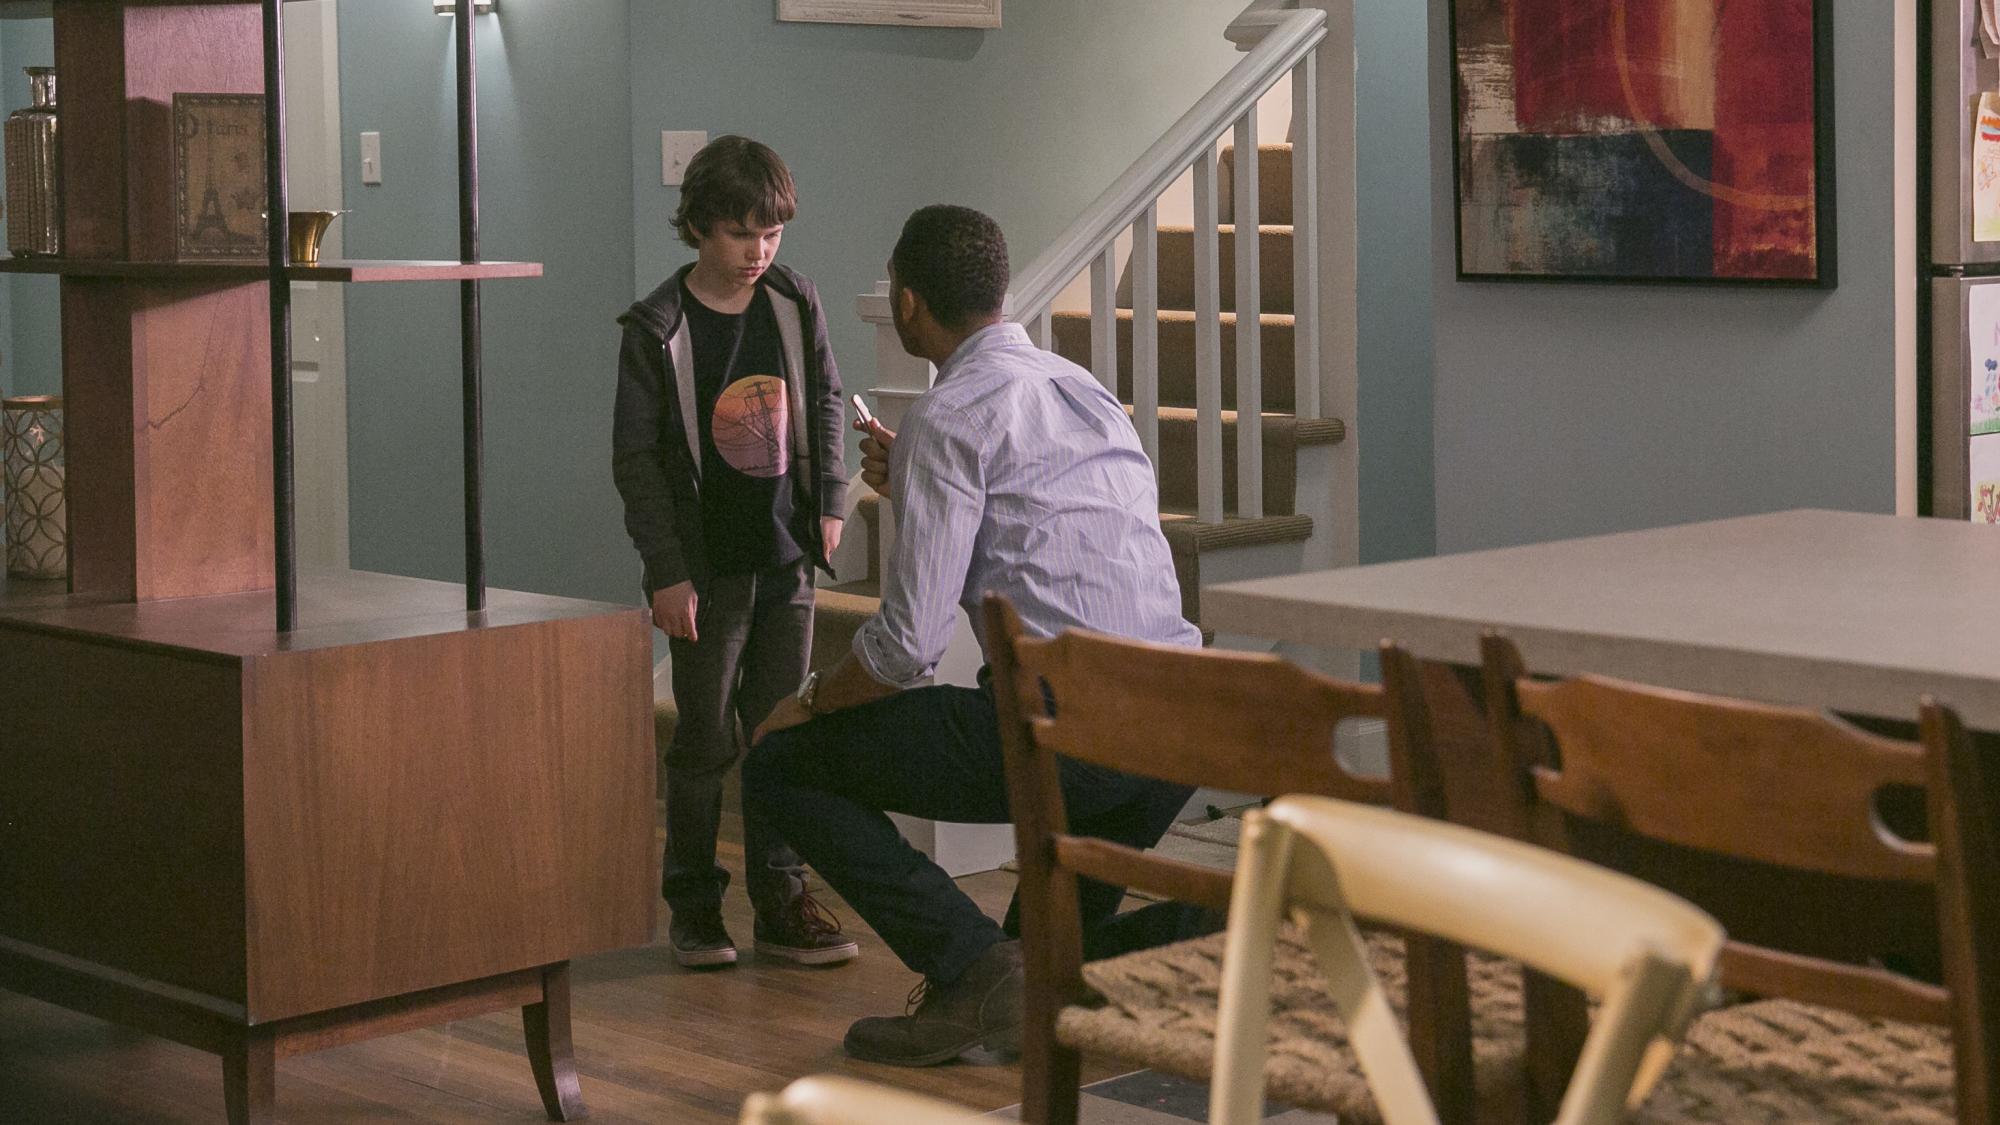 Brady asks Jack about a knife.